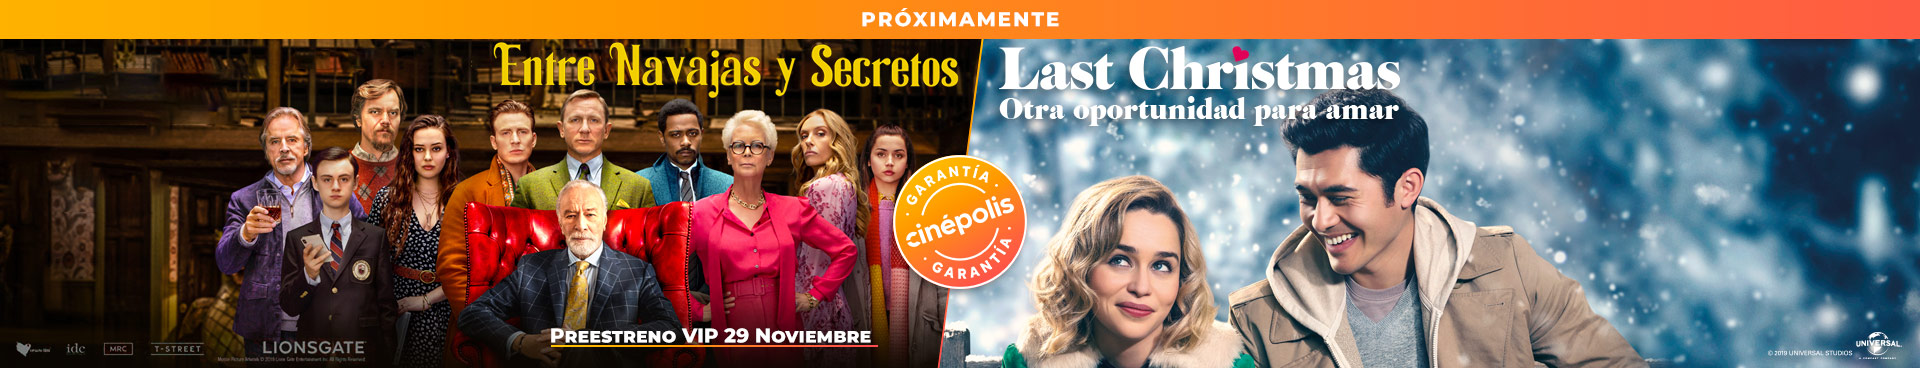 Próximamente: Entre Navajas y Secretos / Last Christmas